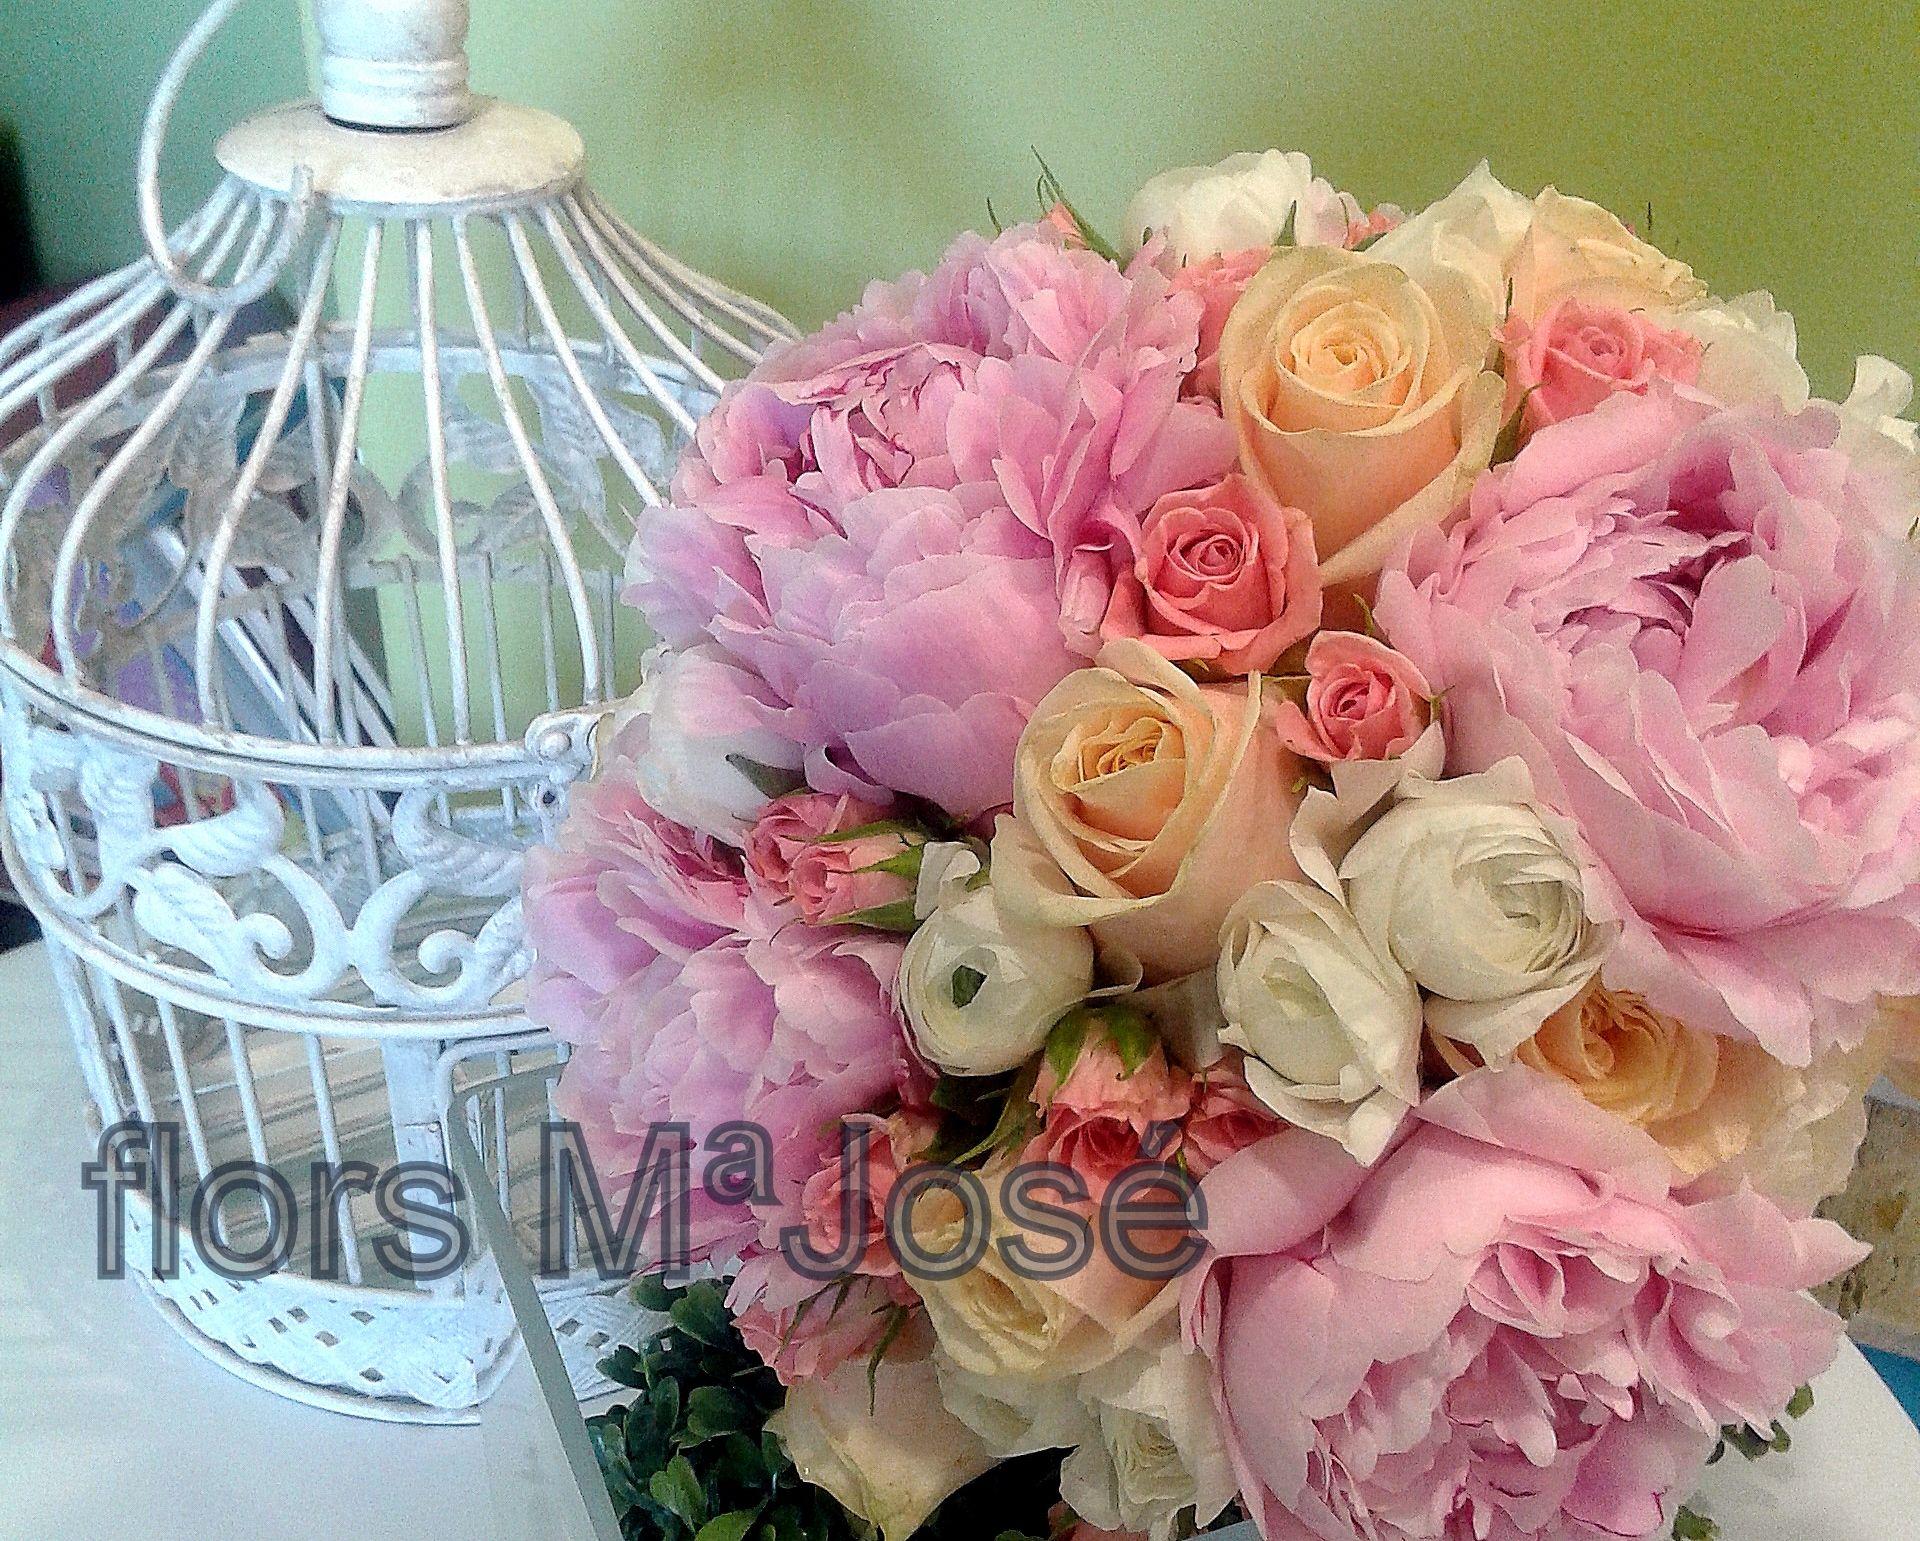 Boquet con flores redondeadas